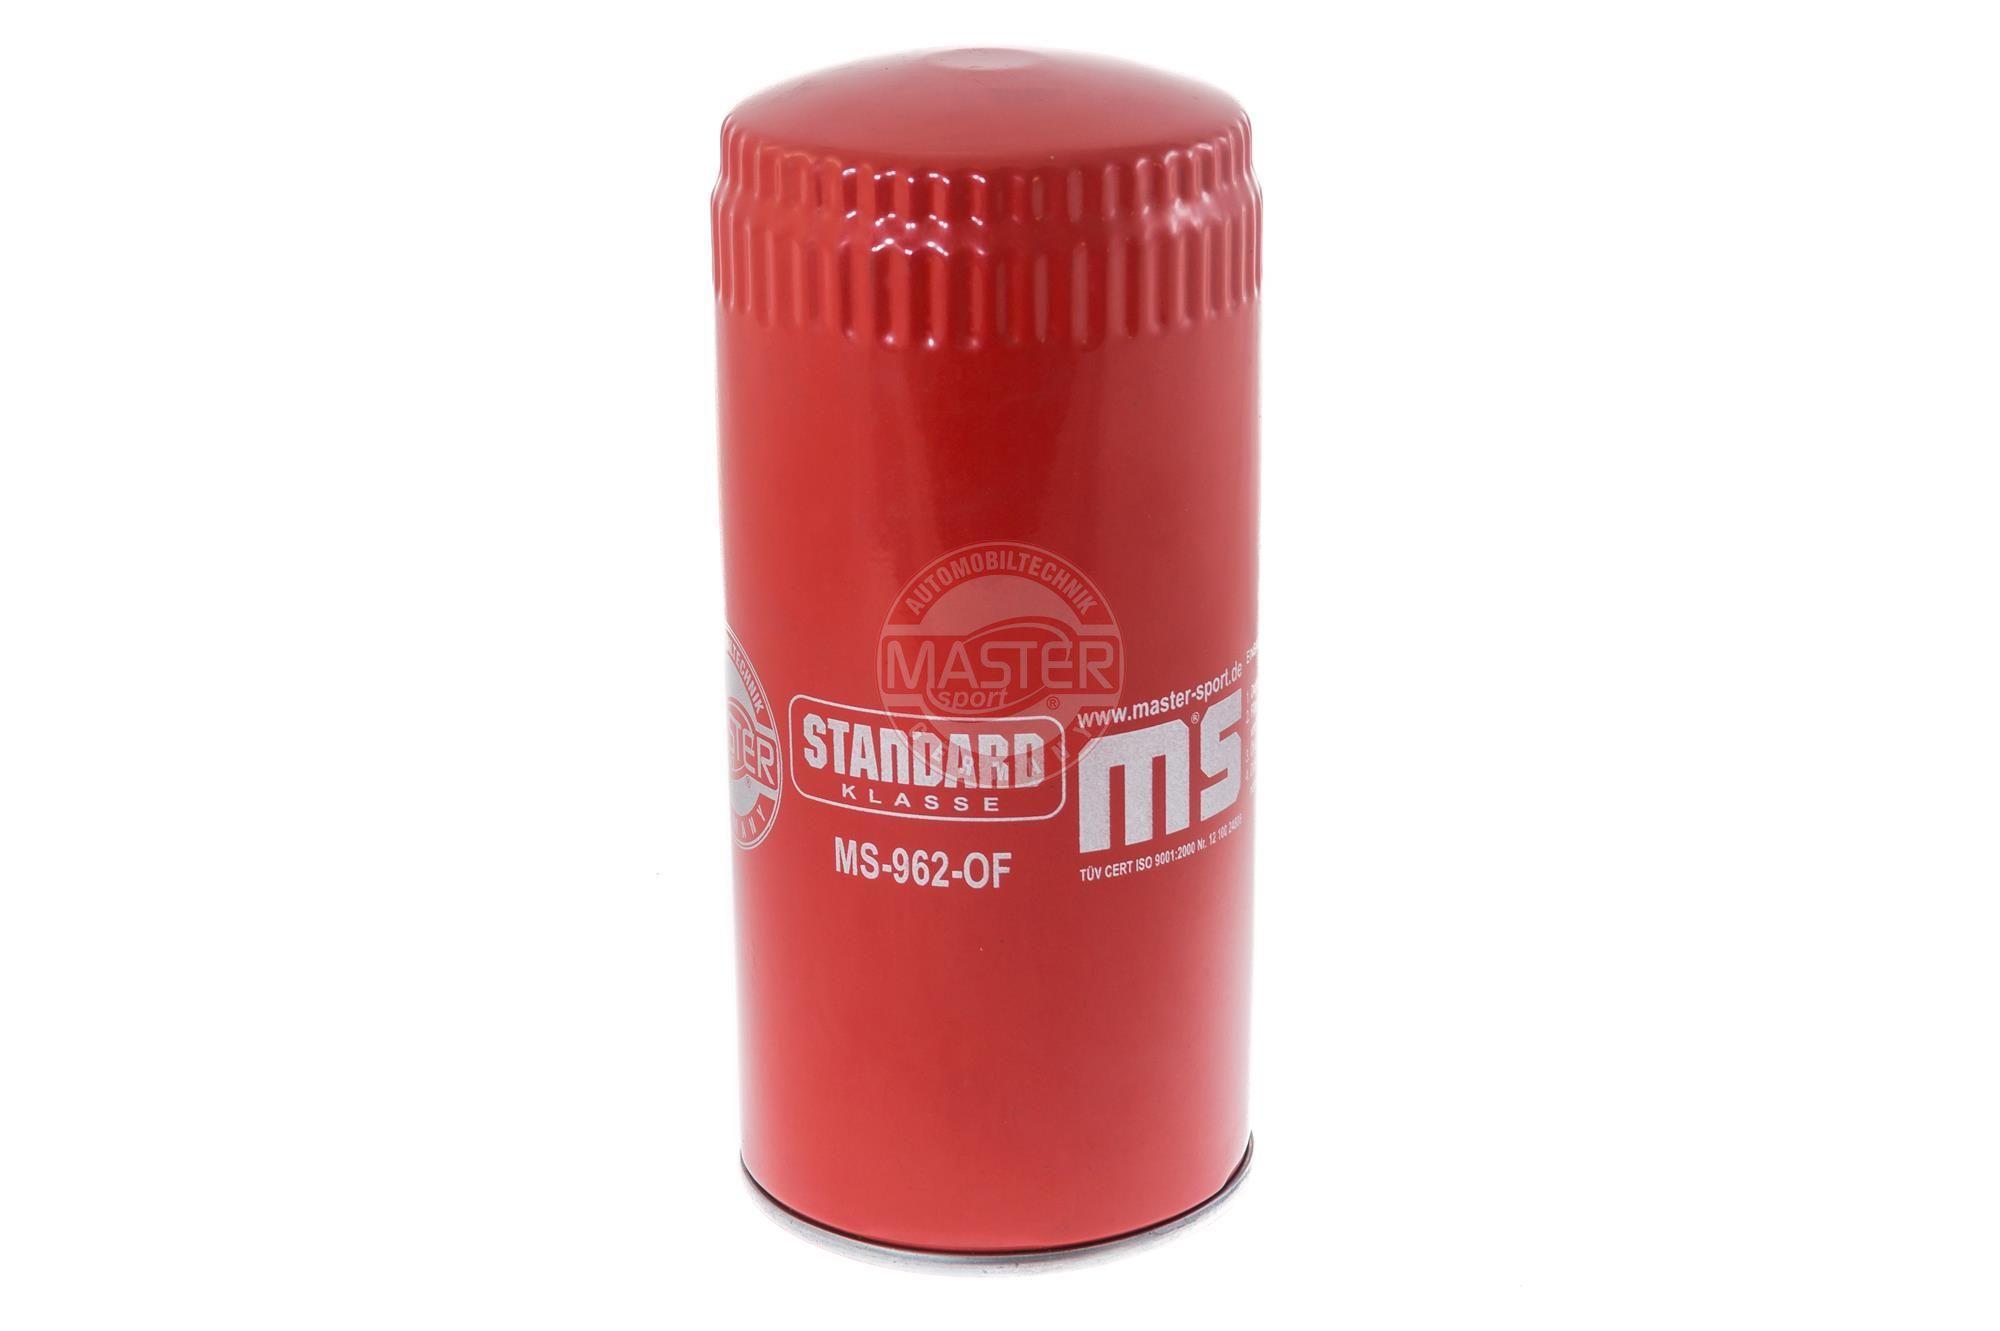 MASTER-SPORT Filtro olio 962-OF-PCS-MS